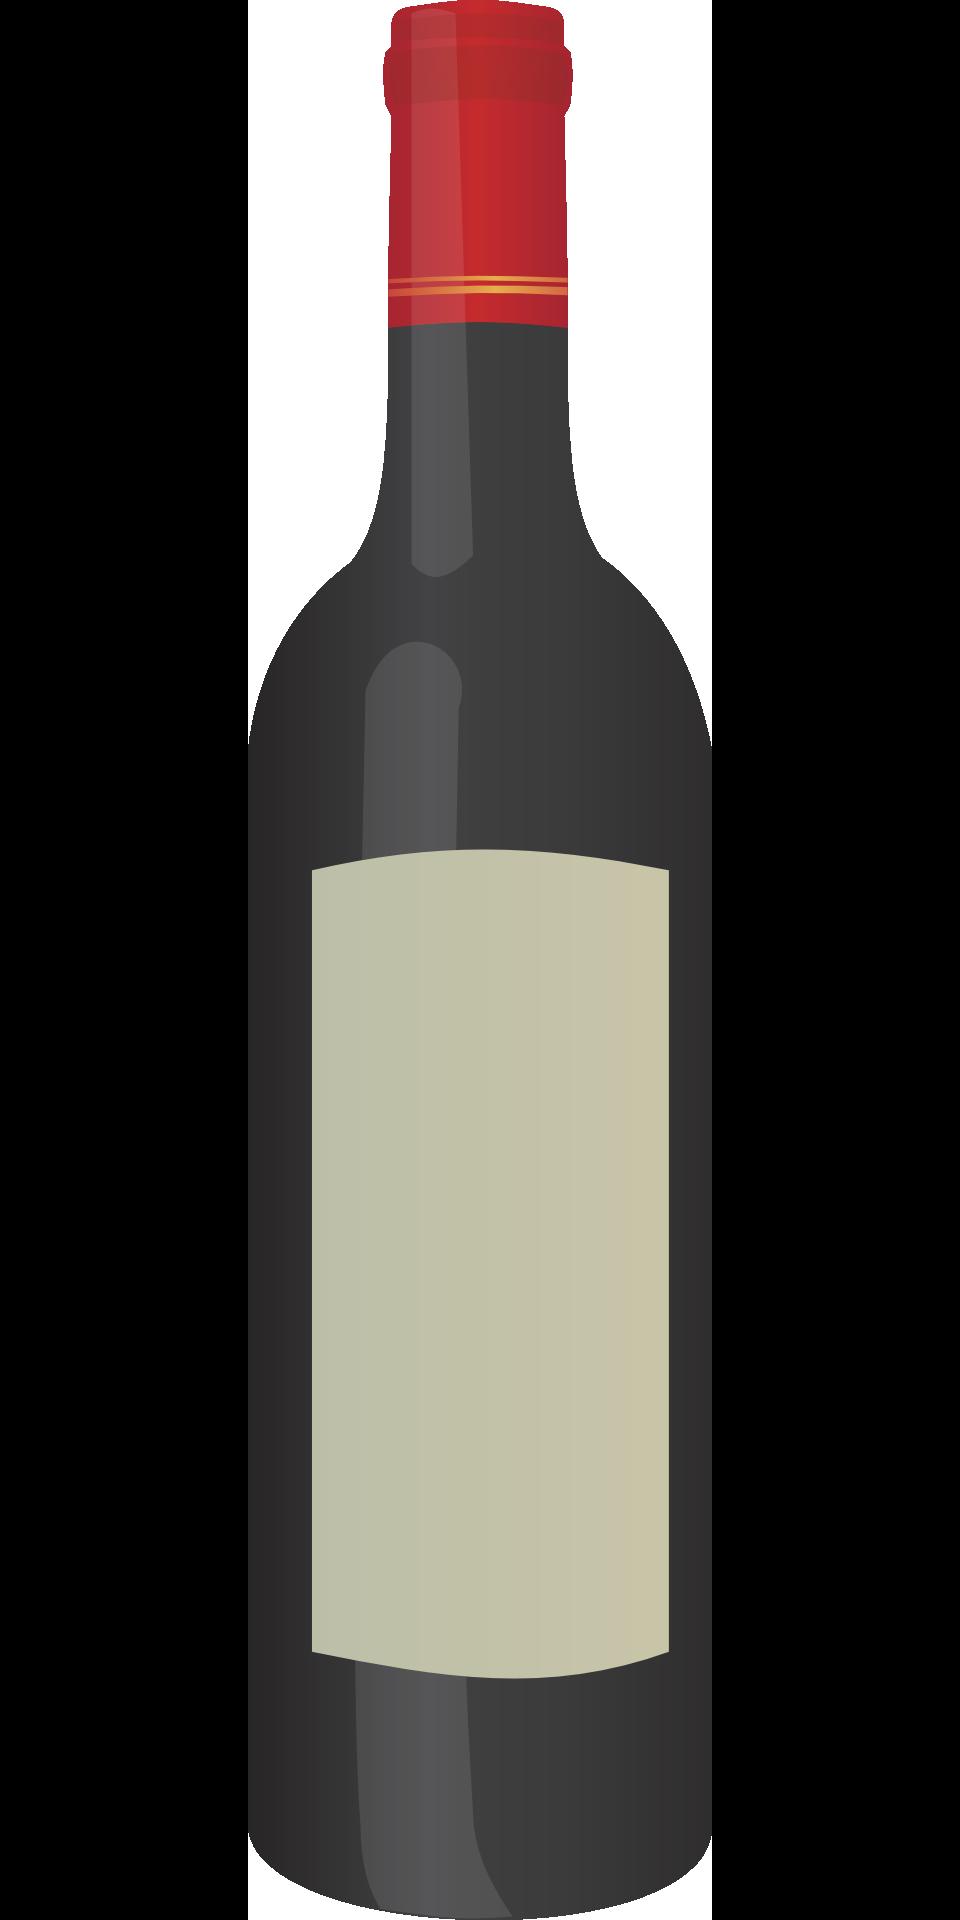 Pin De Elizabeth Lorente En Vectores Png Imágenes De Café Botellas De Vino Vino Tinto